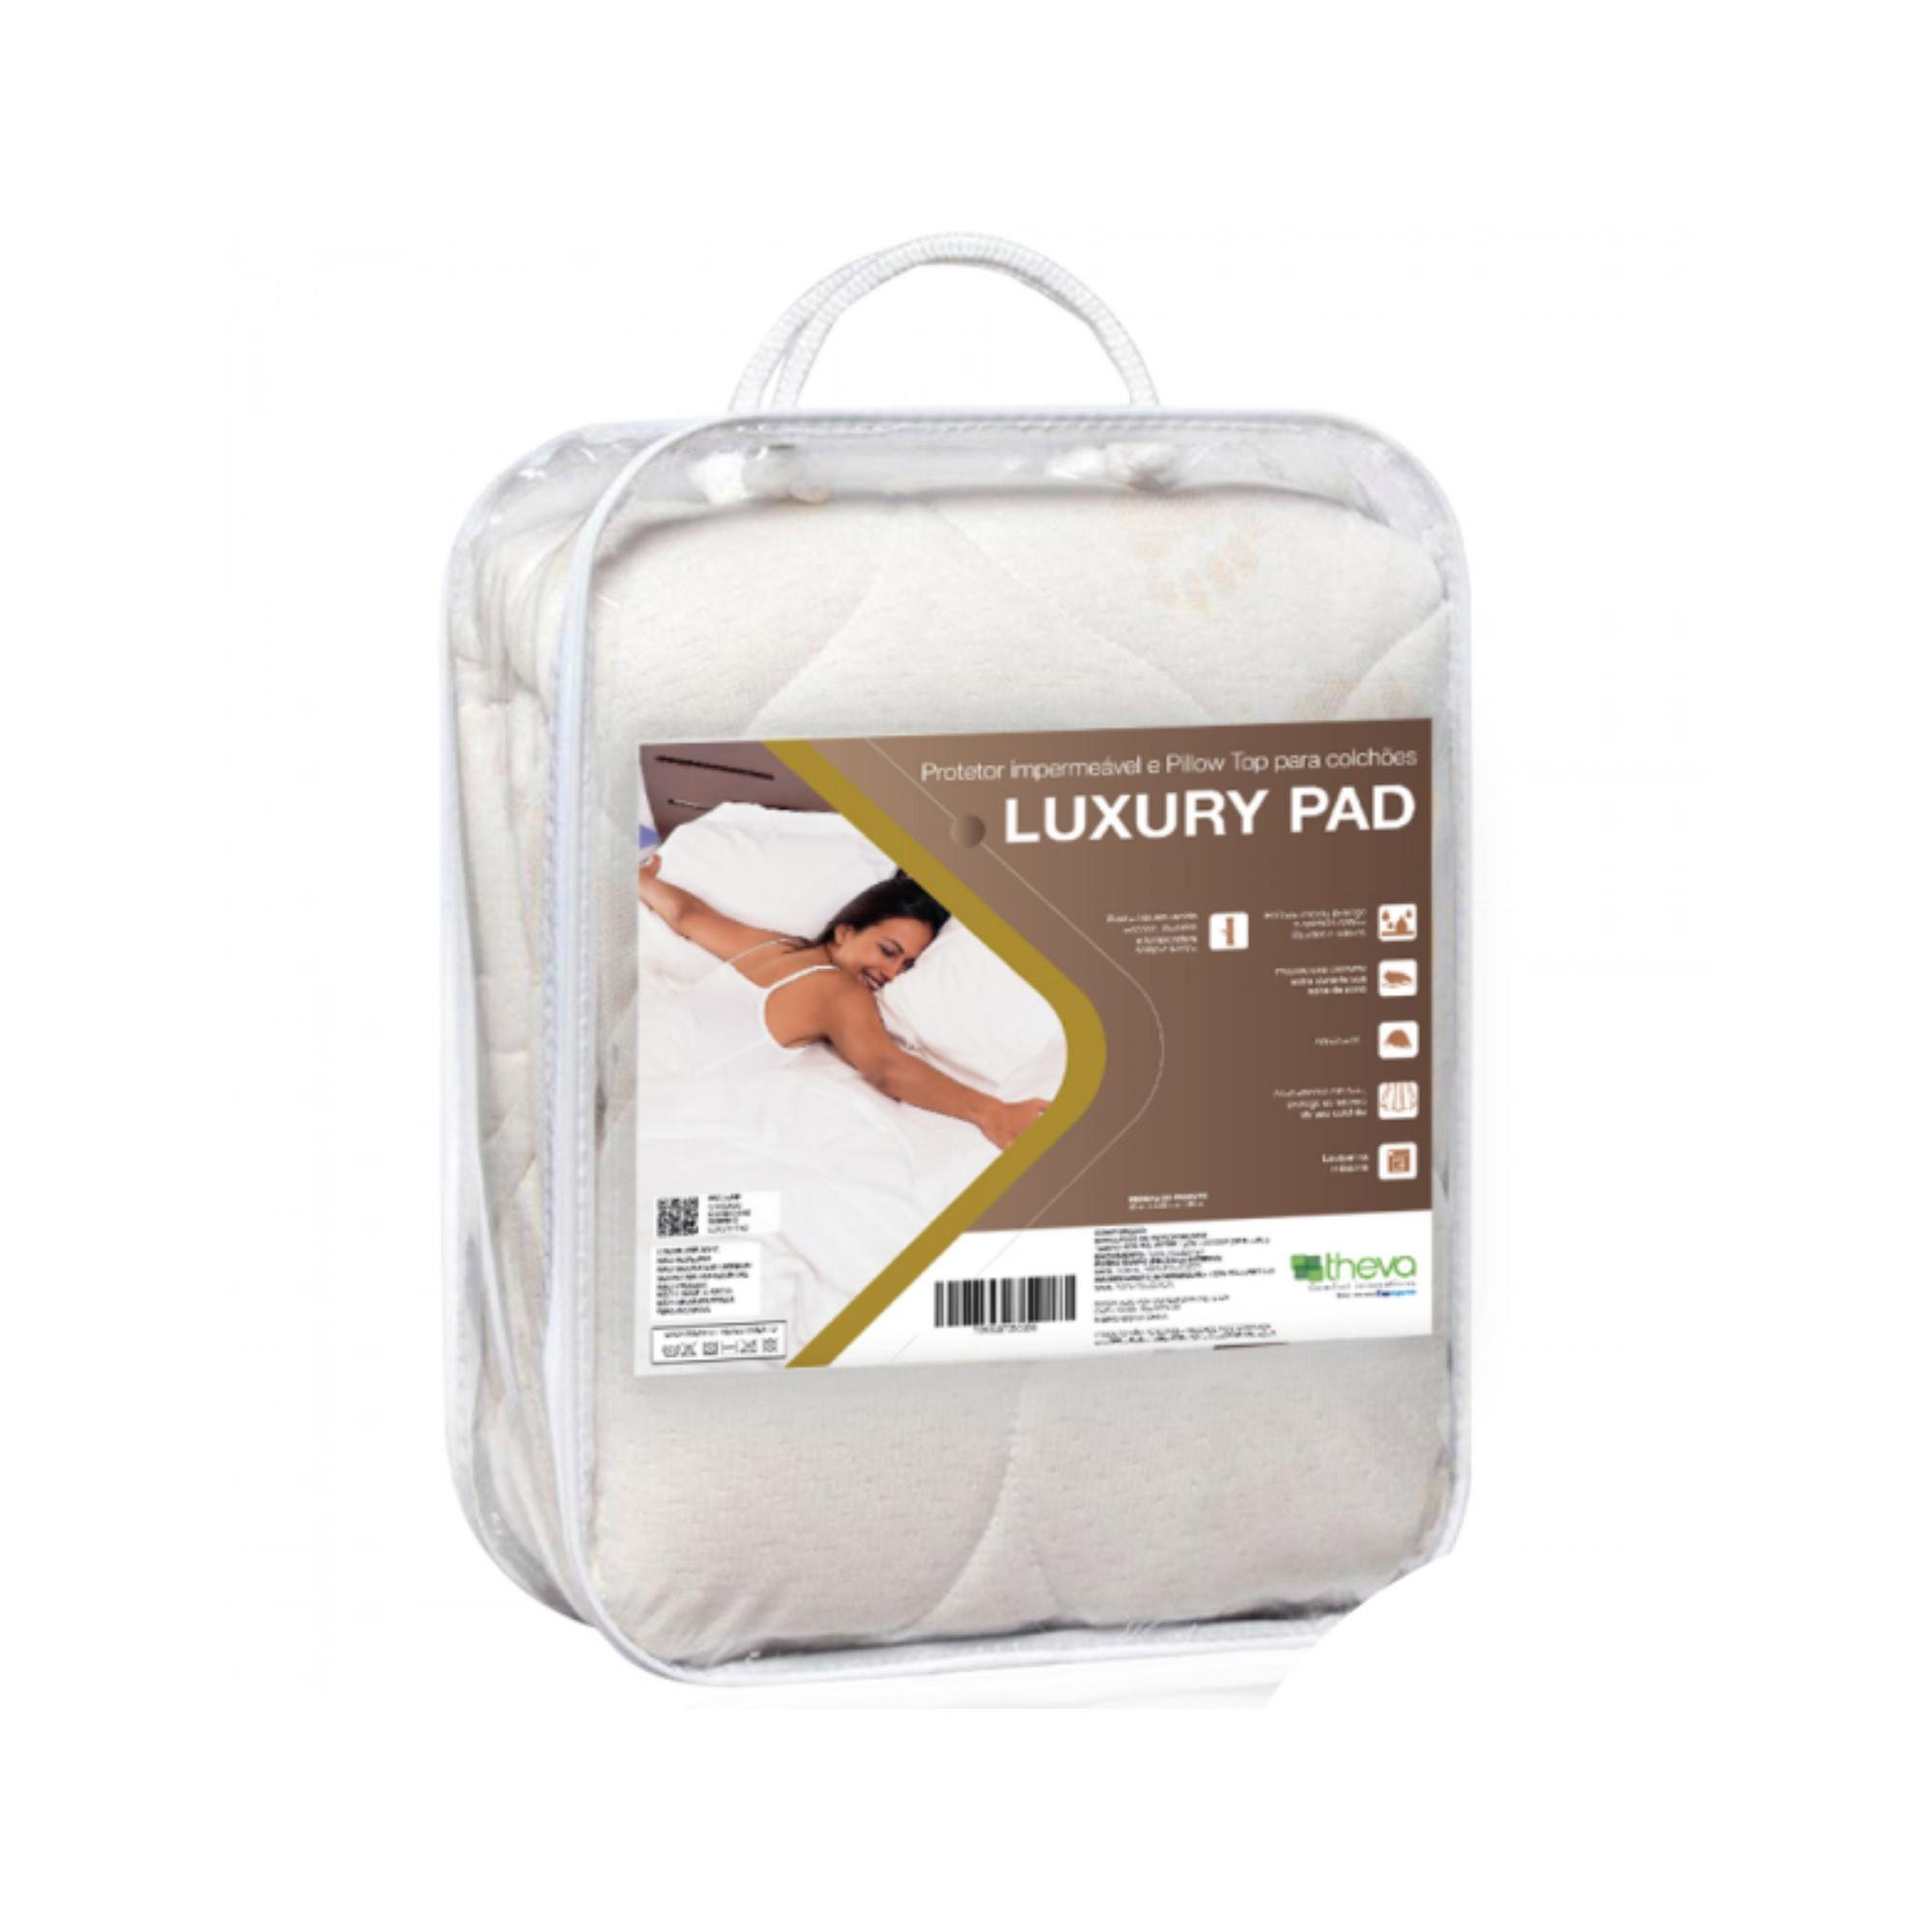 Protetor Impermeável para Colchão Luxury Pad [King Br 180 x 200 cm]